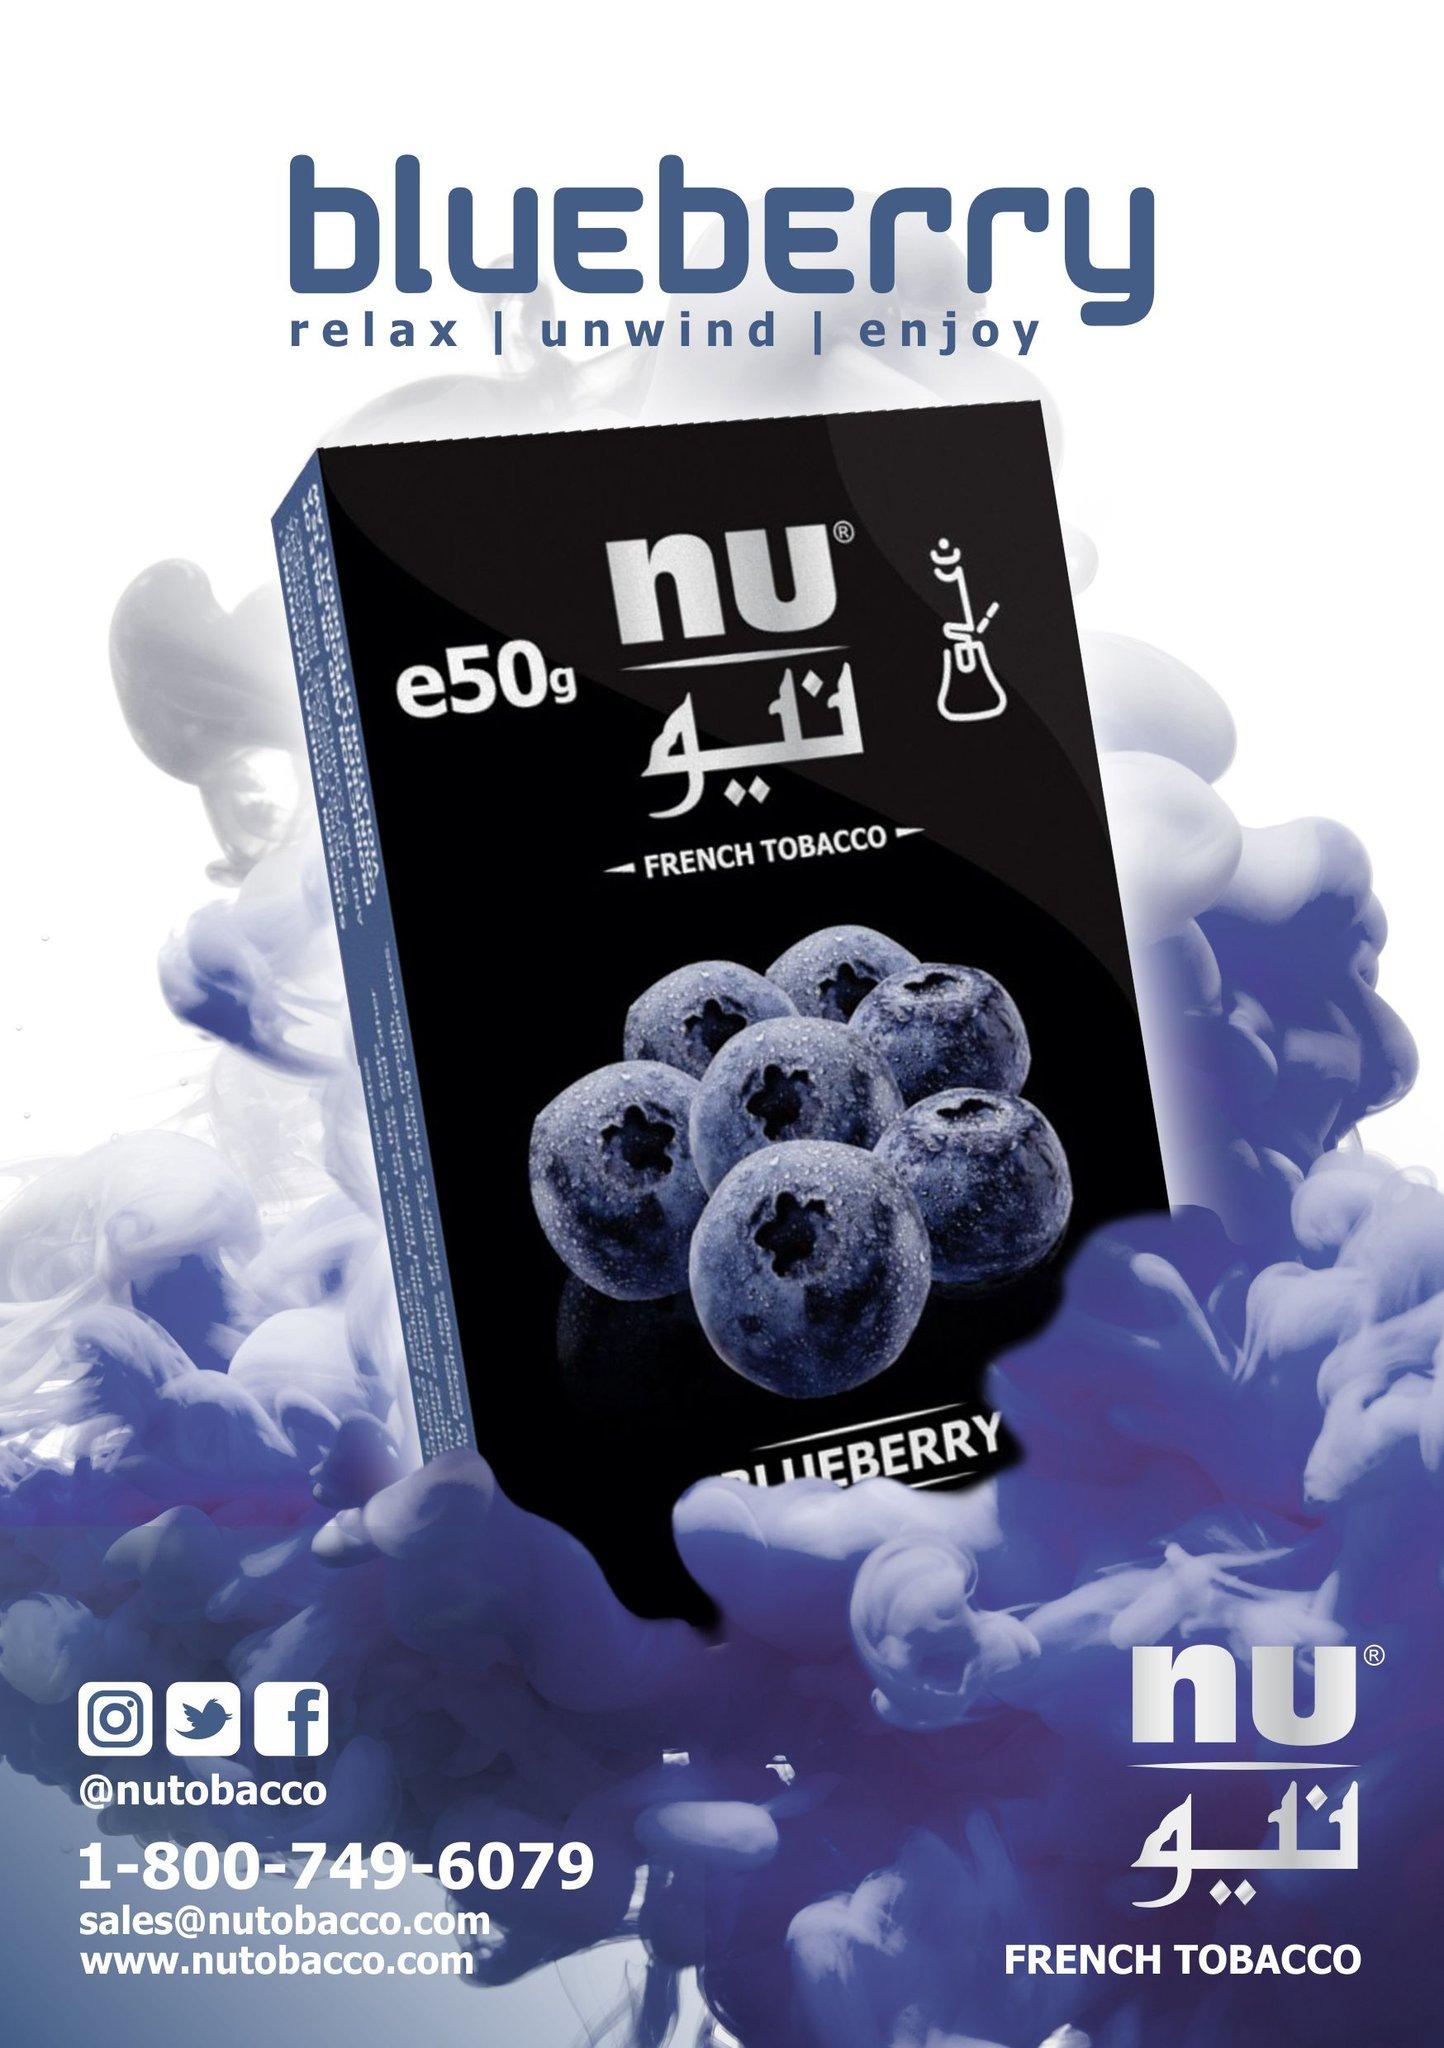 Nu Hookah / Blueberry(AFのBlueberryと似た、ややマッタリめの中東の会社っぽいBlueberry系)